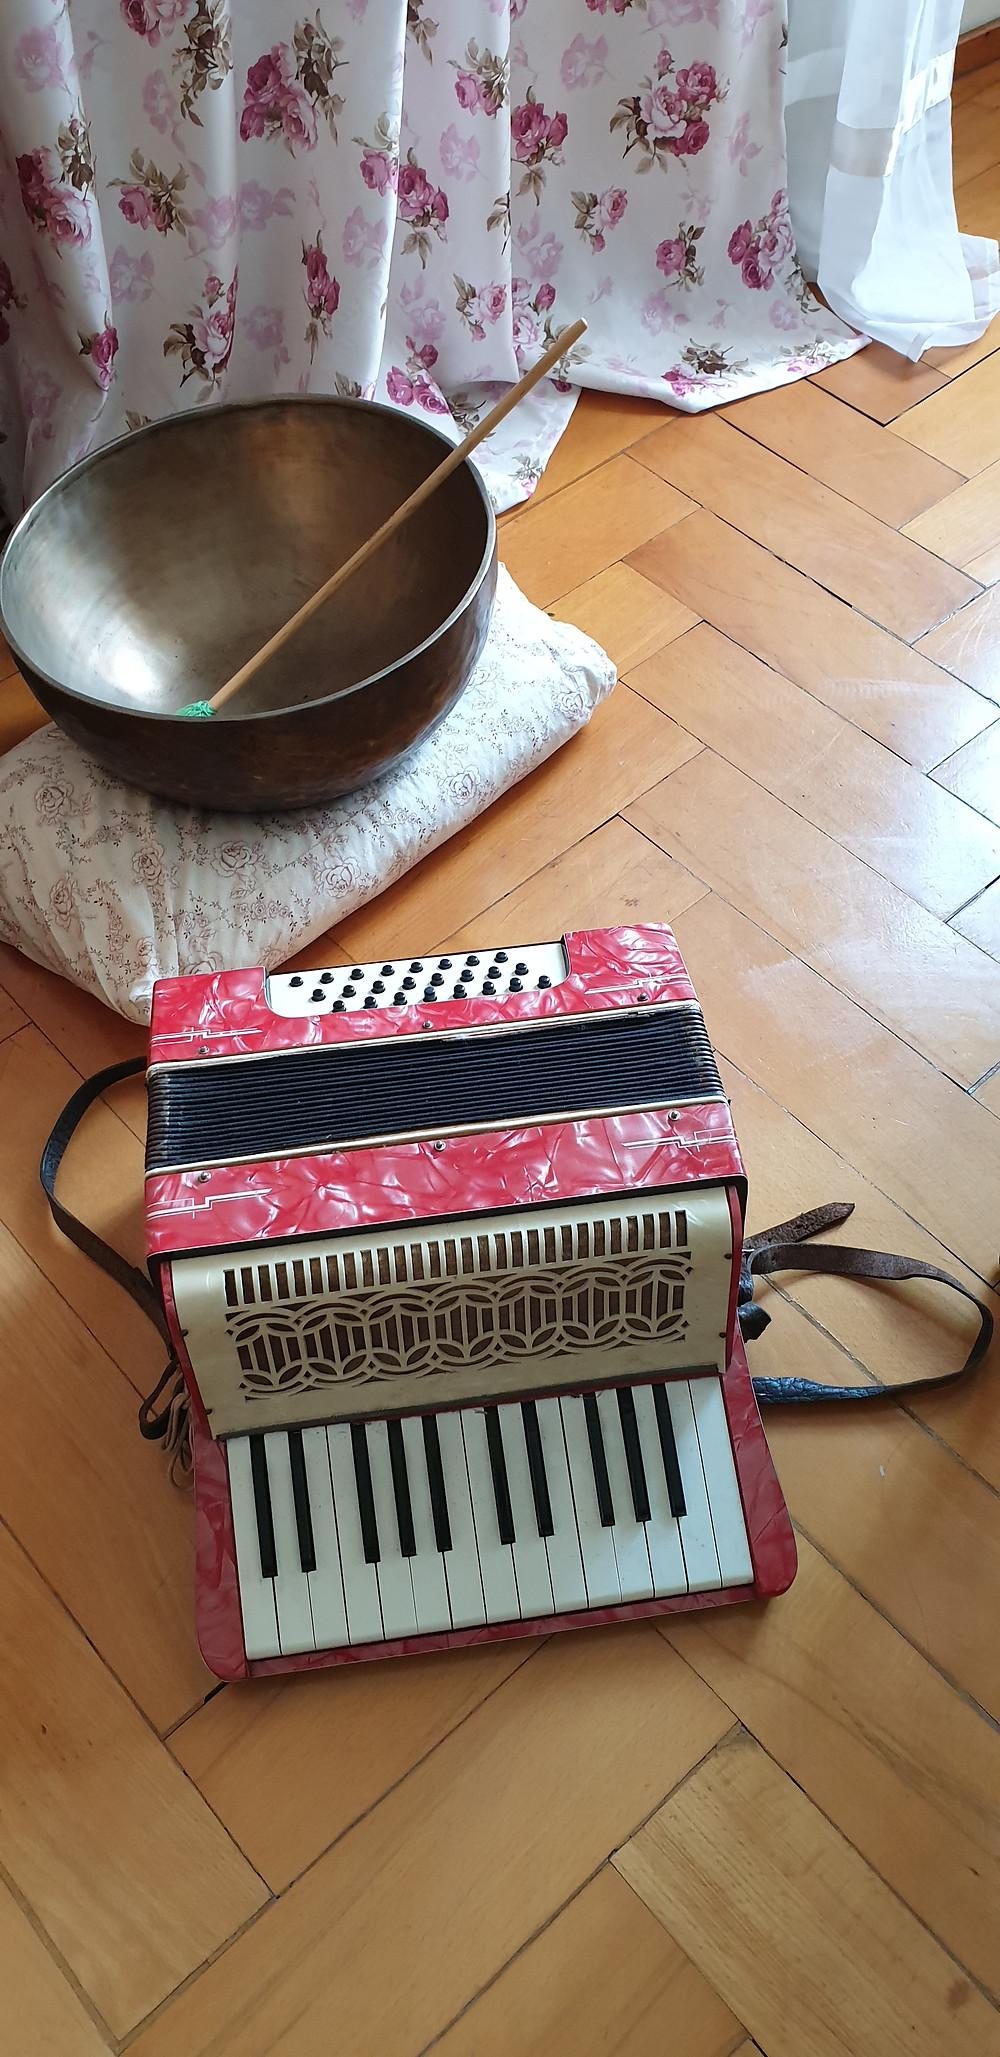 das antike Akkordeon und der Jenseitskontakt